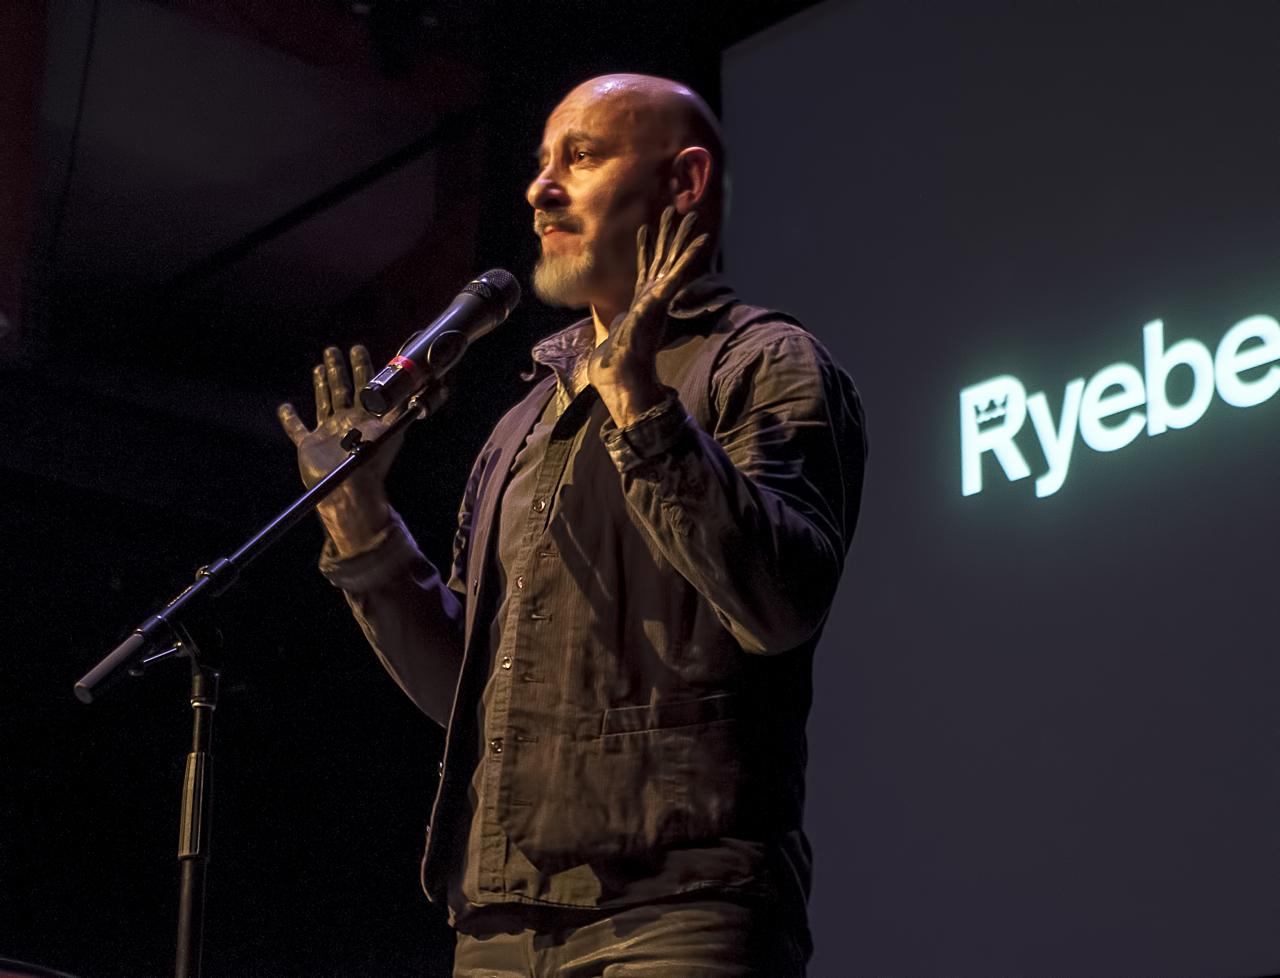 Vjeko Sager Ryeberg Live Vancouver 2014